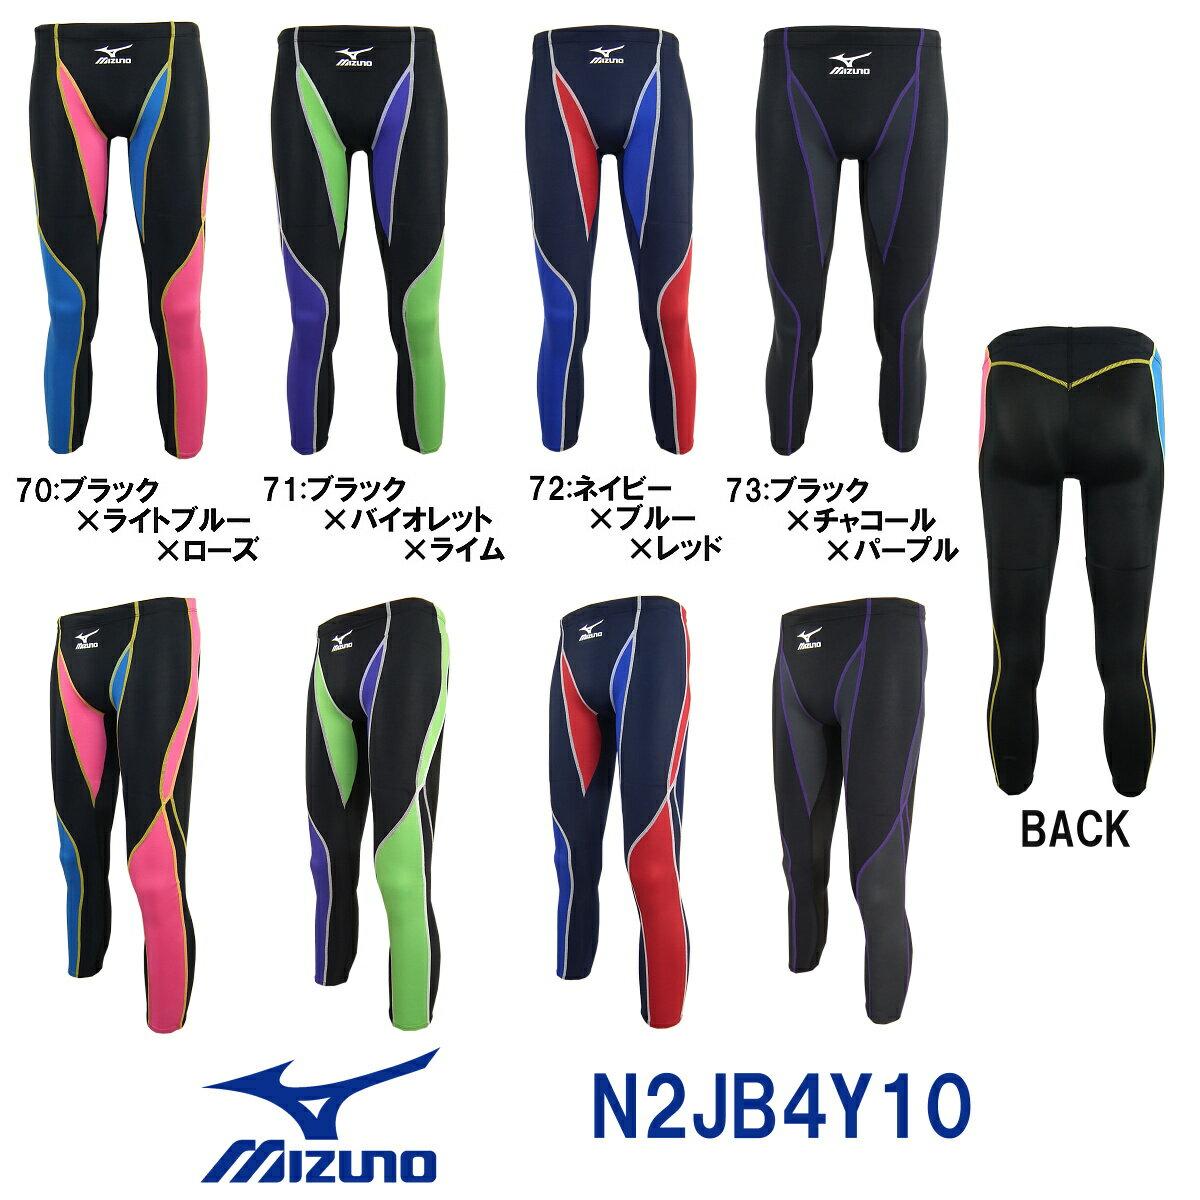 【送料無料】【N2JB4Y10】【公式大会使用不可】MIZUNO(ミズノ) メンズ競泳用水着KX・ロングスパッツ[限定モデル/男性用]